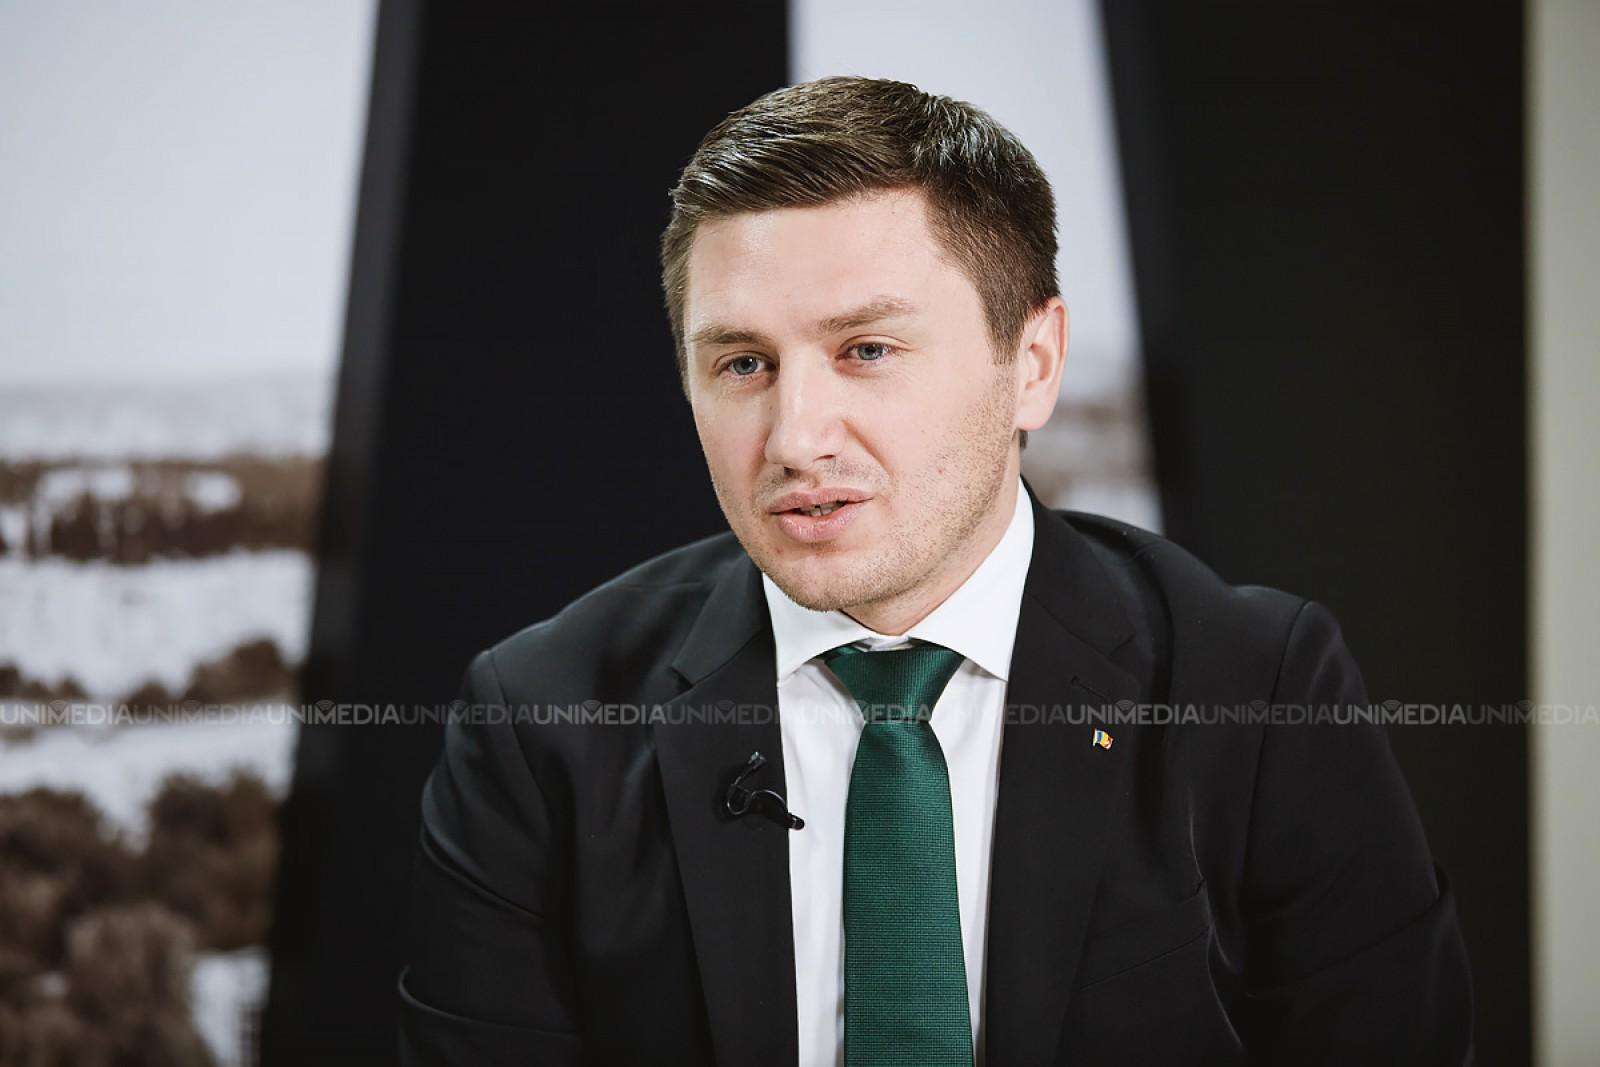 """Constantin Codreanu: """"Solicit Ministerului Sănătății recunoaşterea diplomelor medicilor basarabeni în România în termen de 30 de zile"""""""